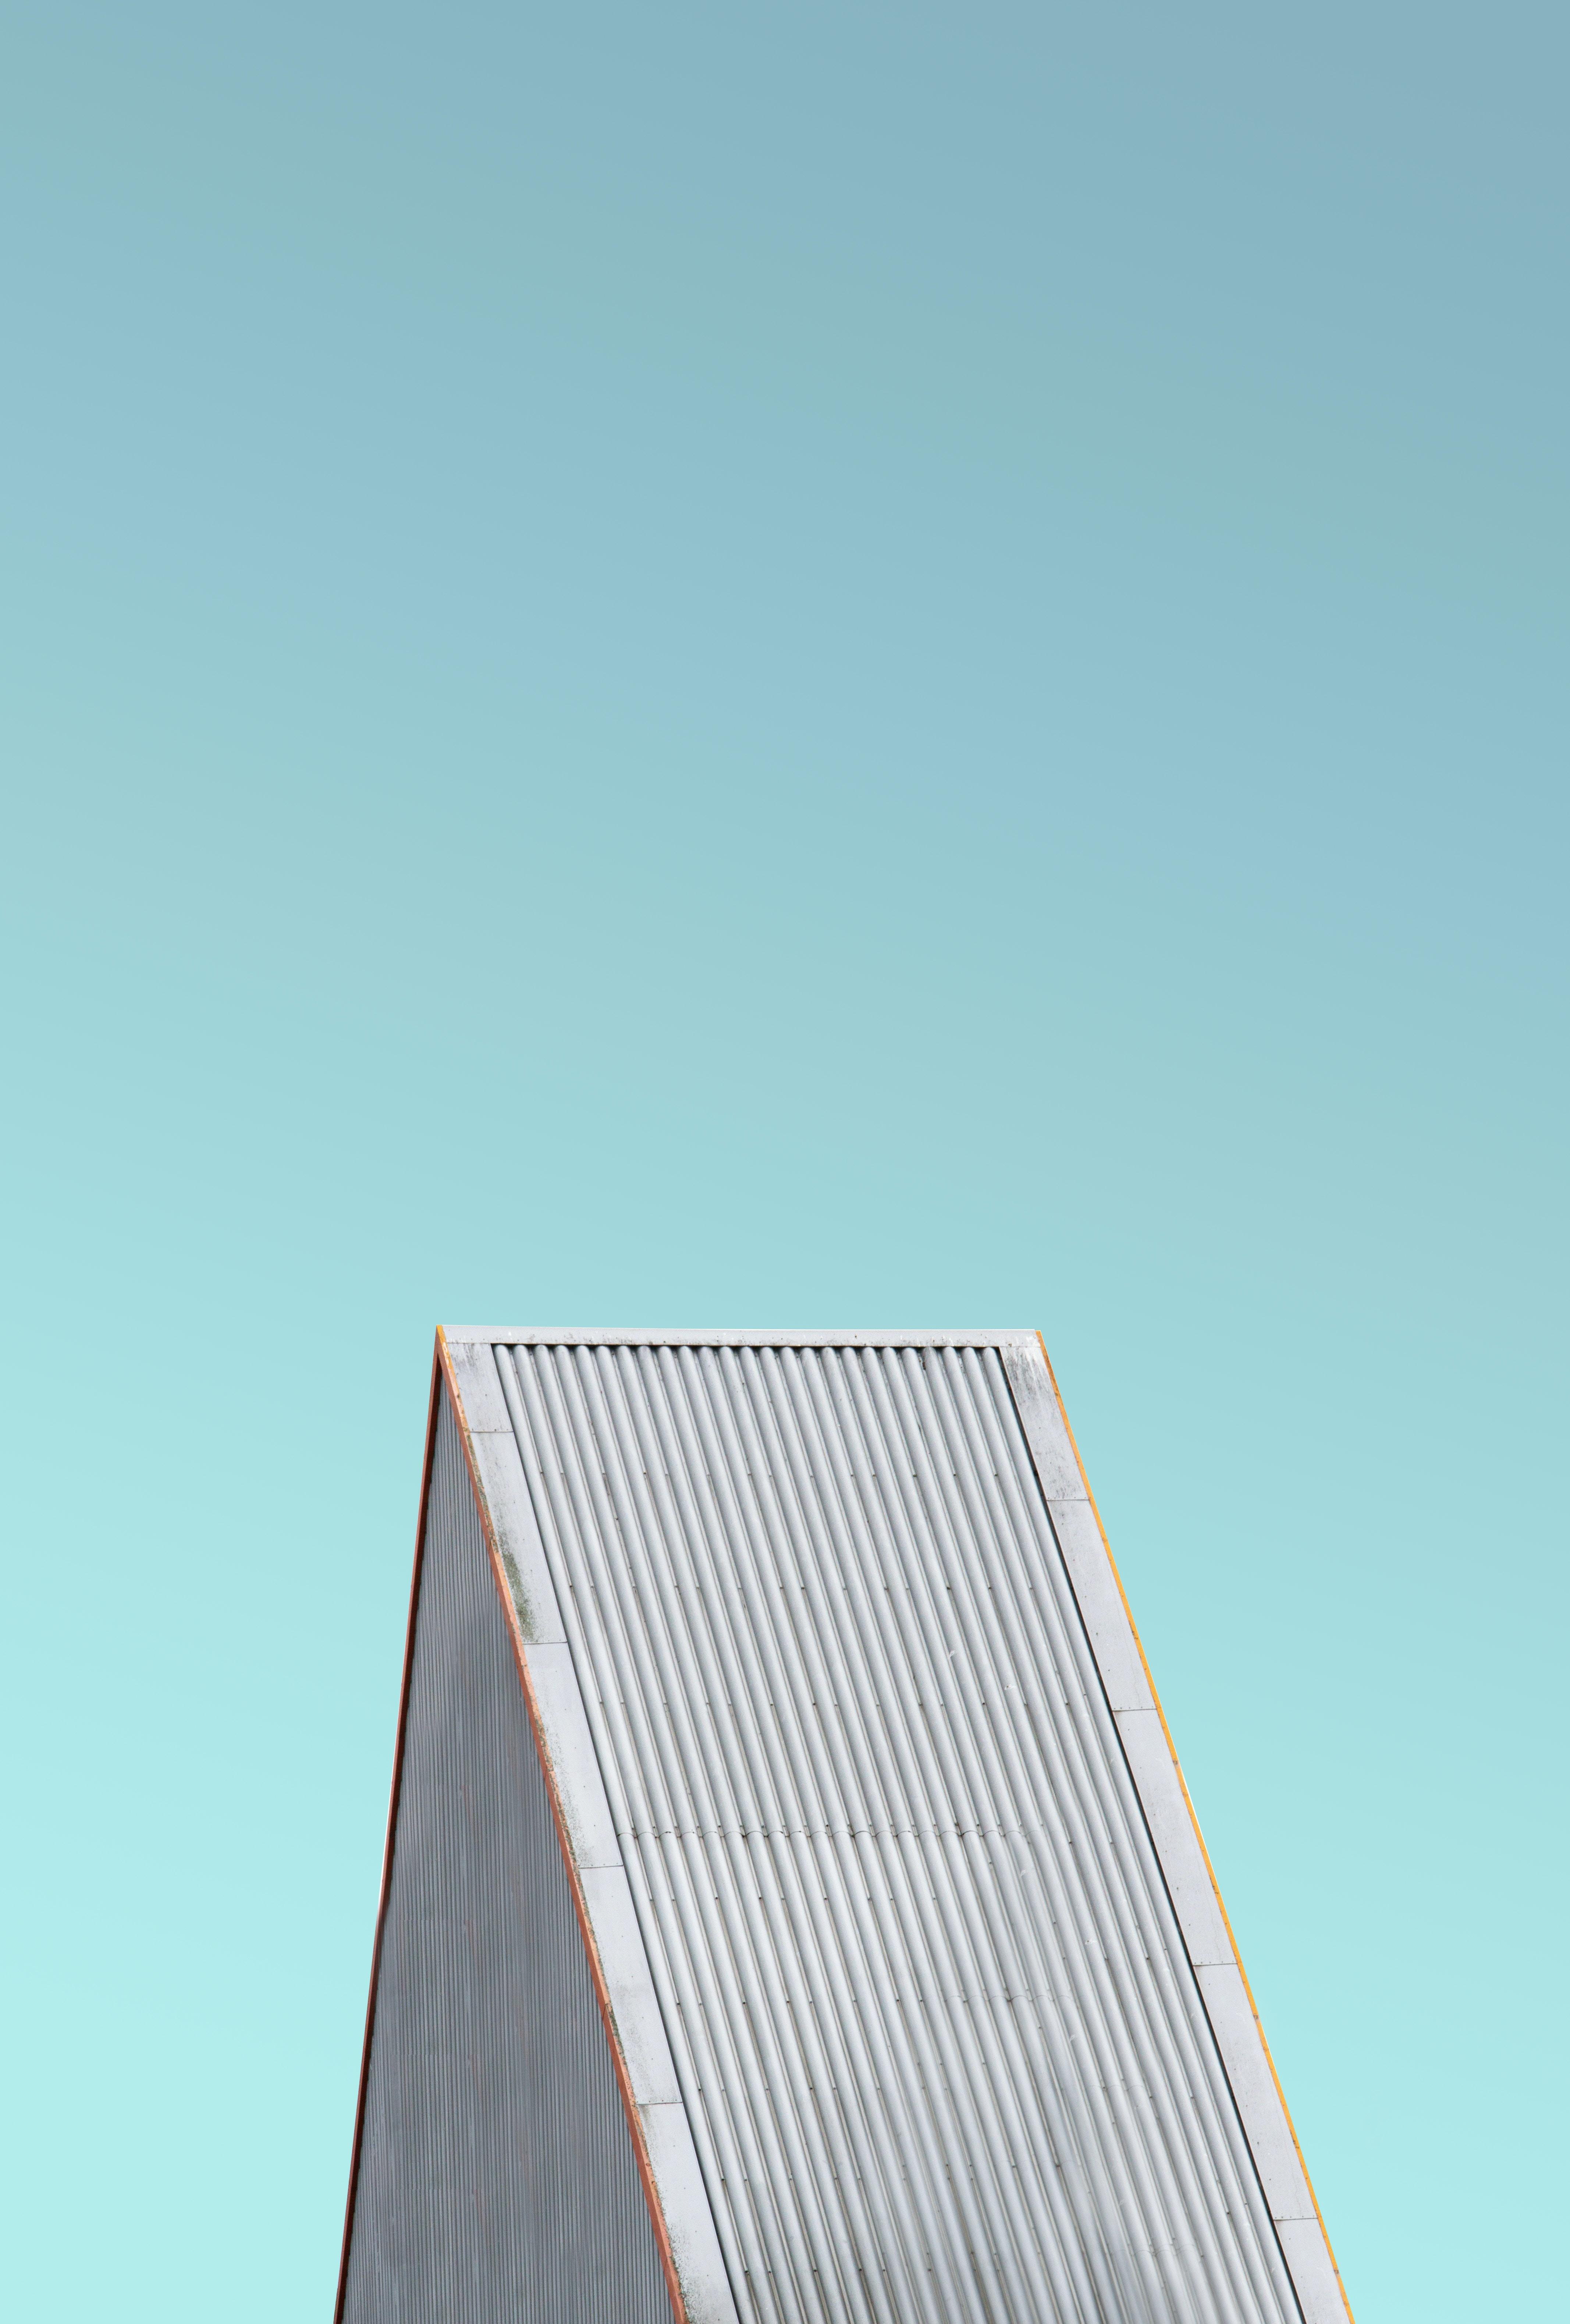 gray steel roof